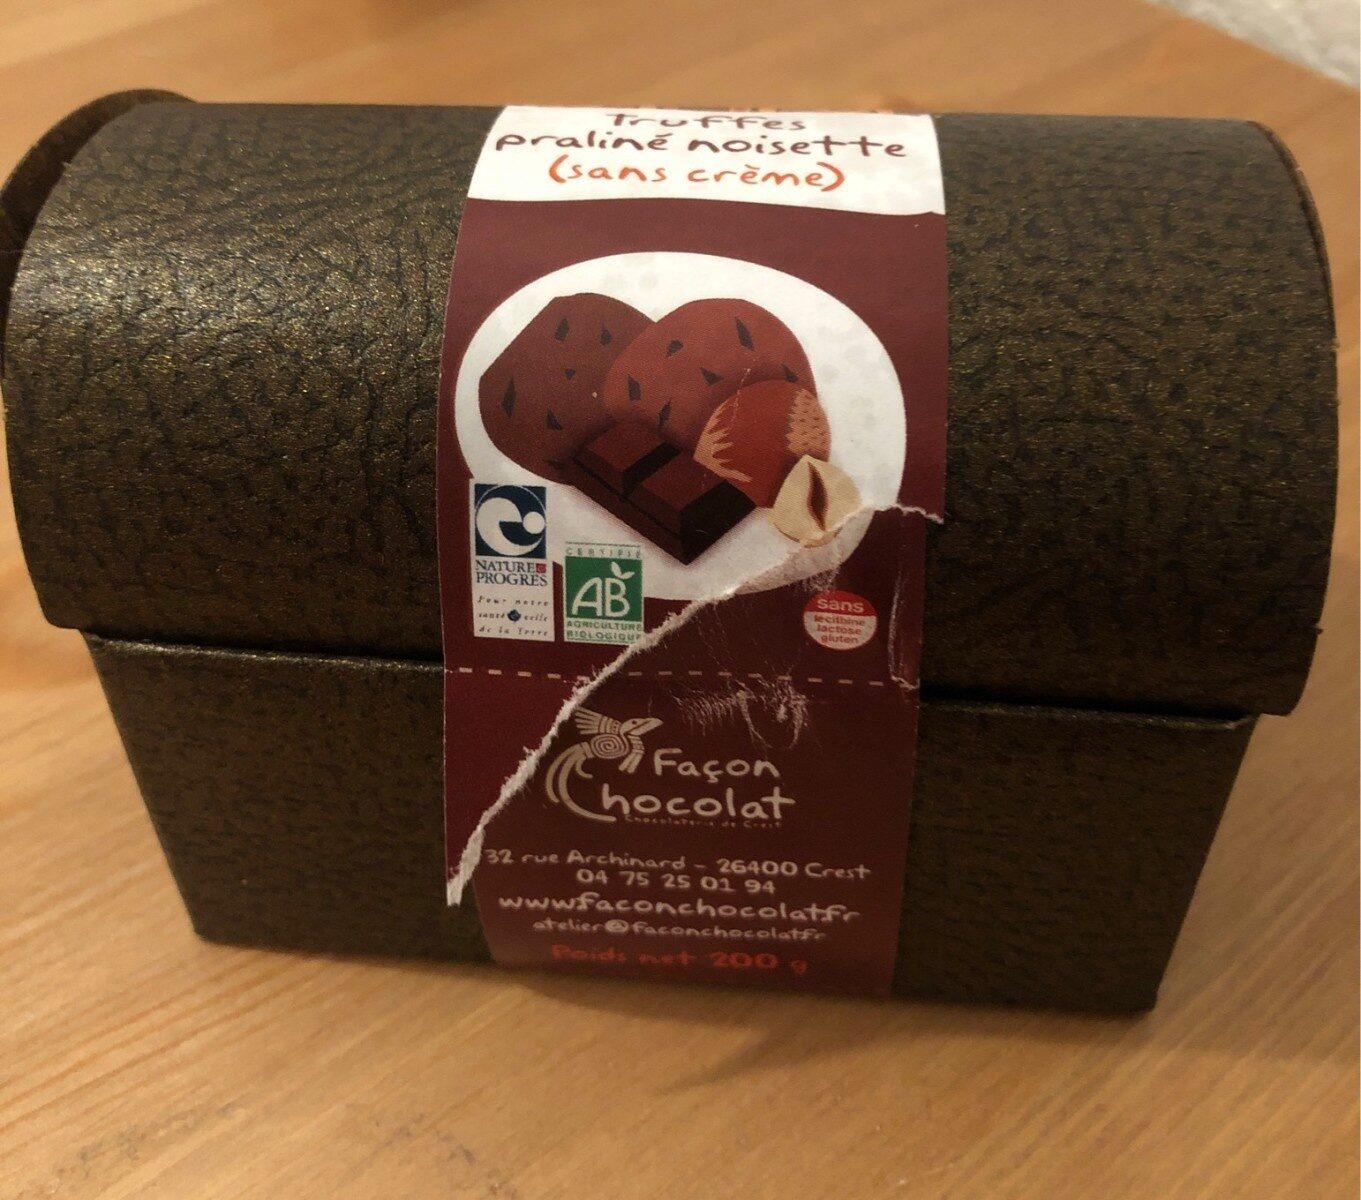 Truffes praliné noisette - Produit - fr